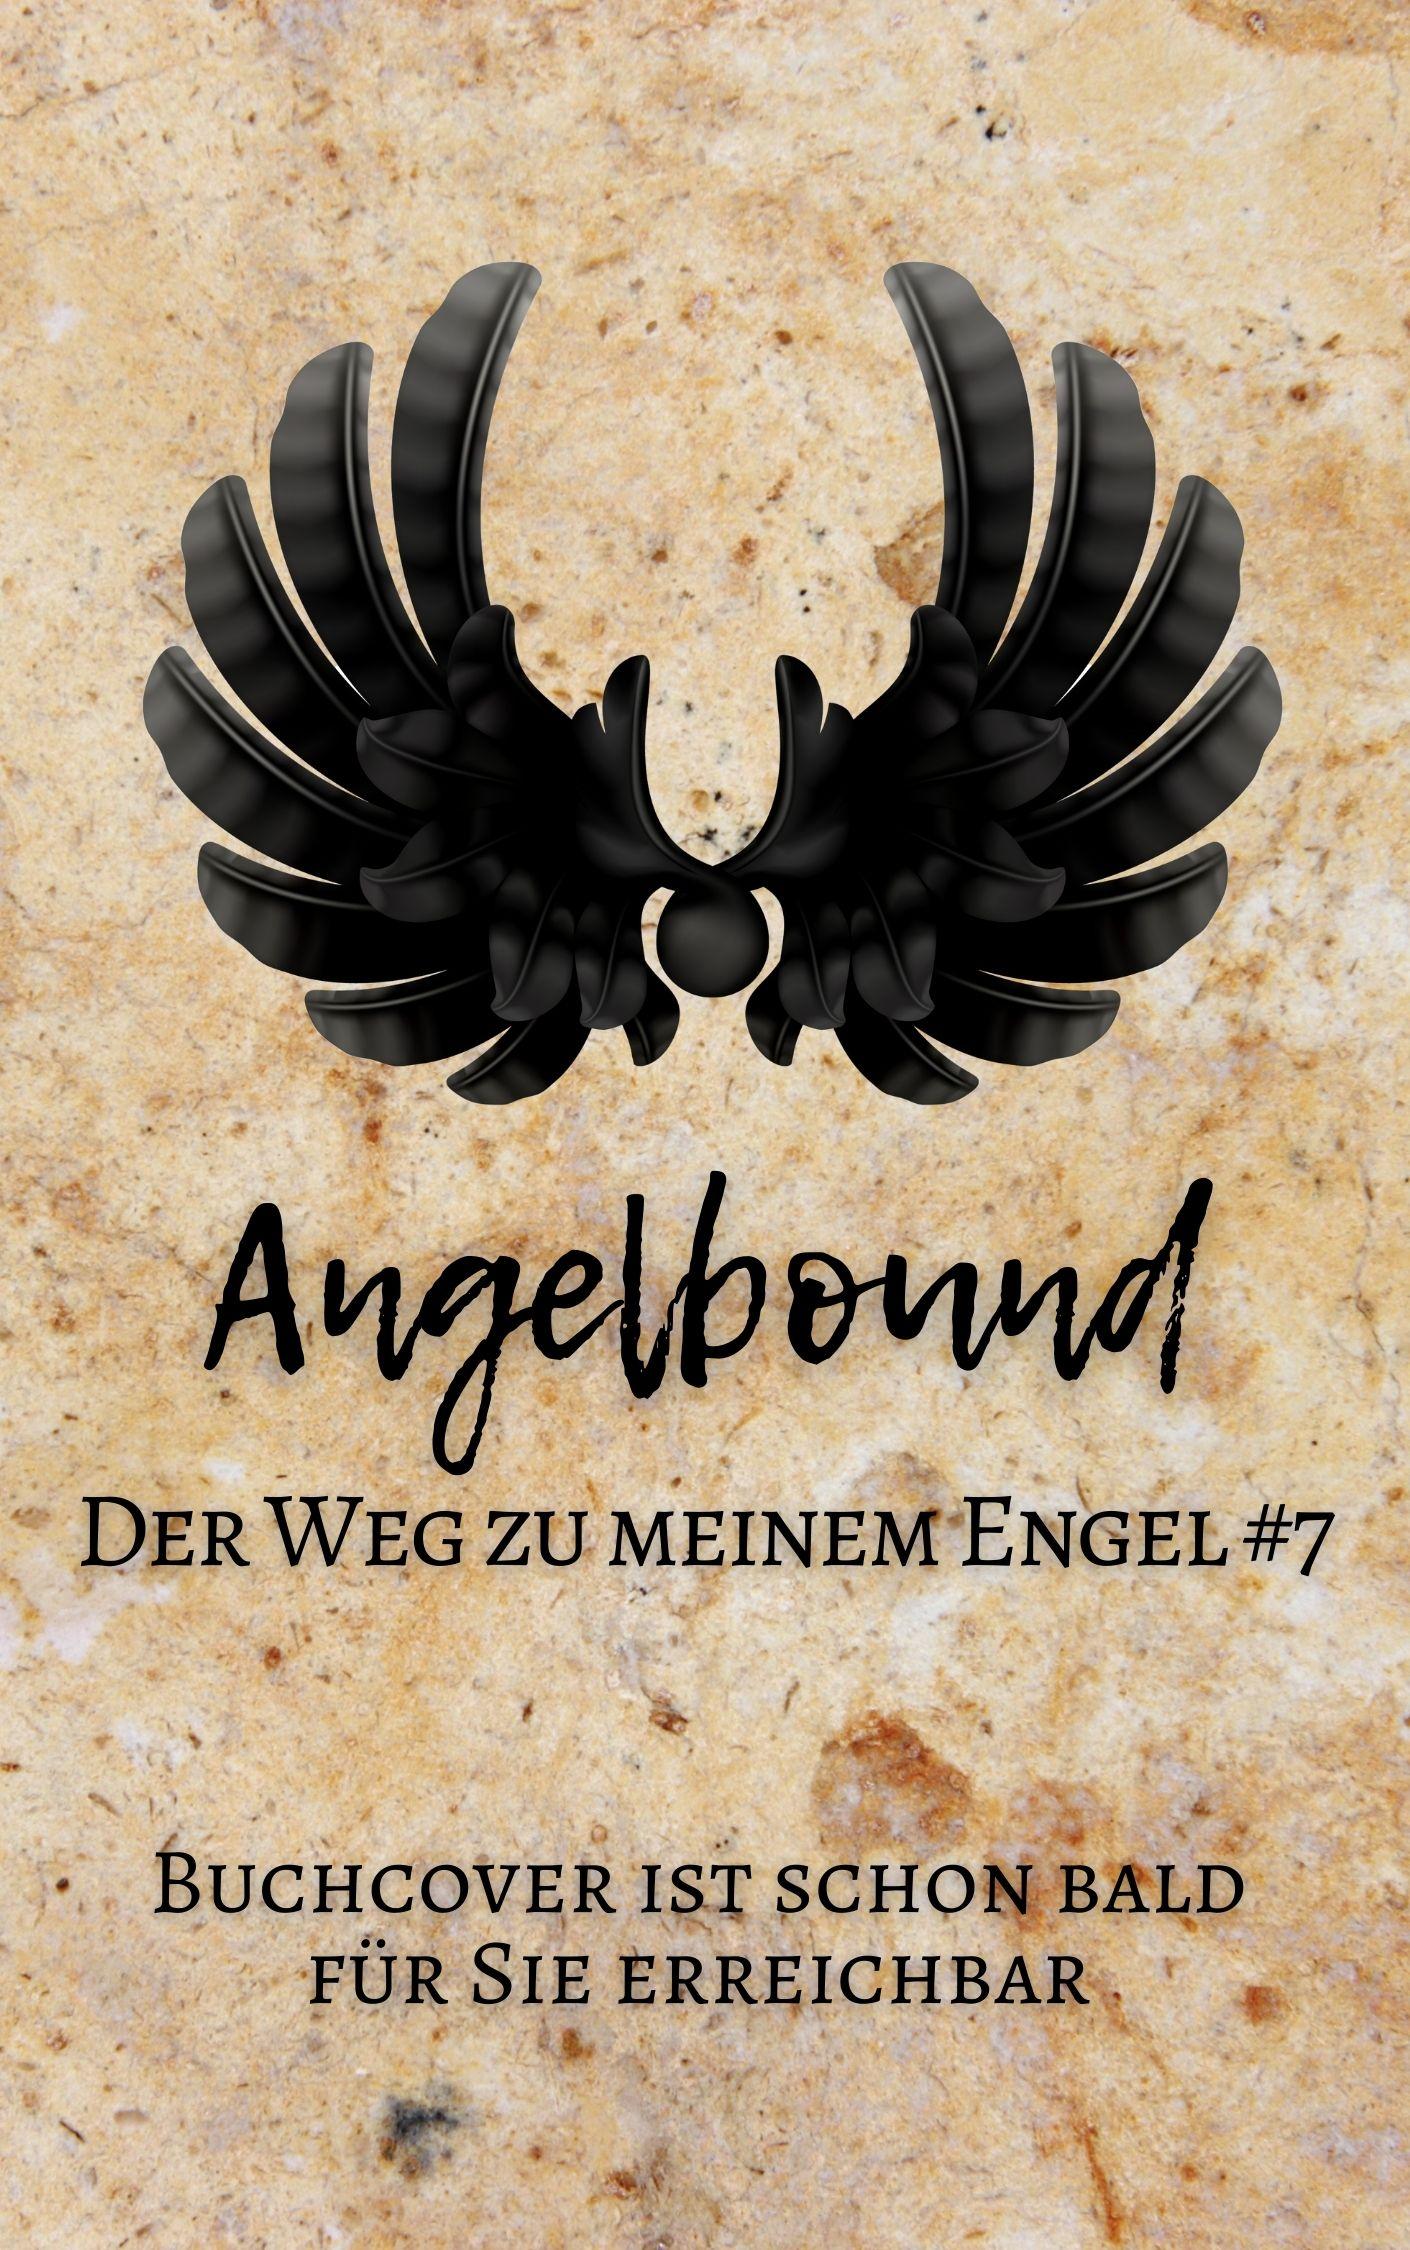 7 - angelbound